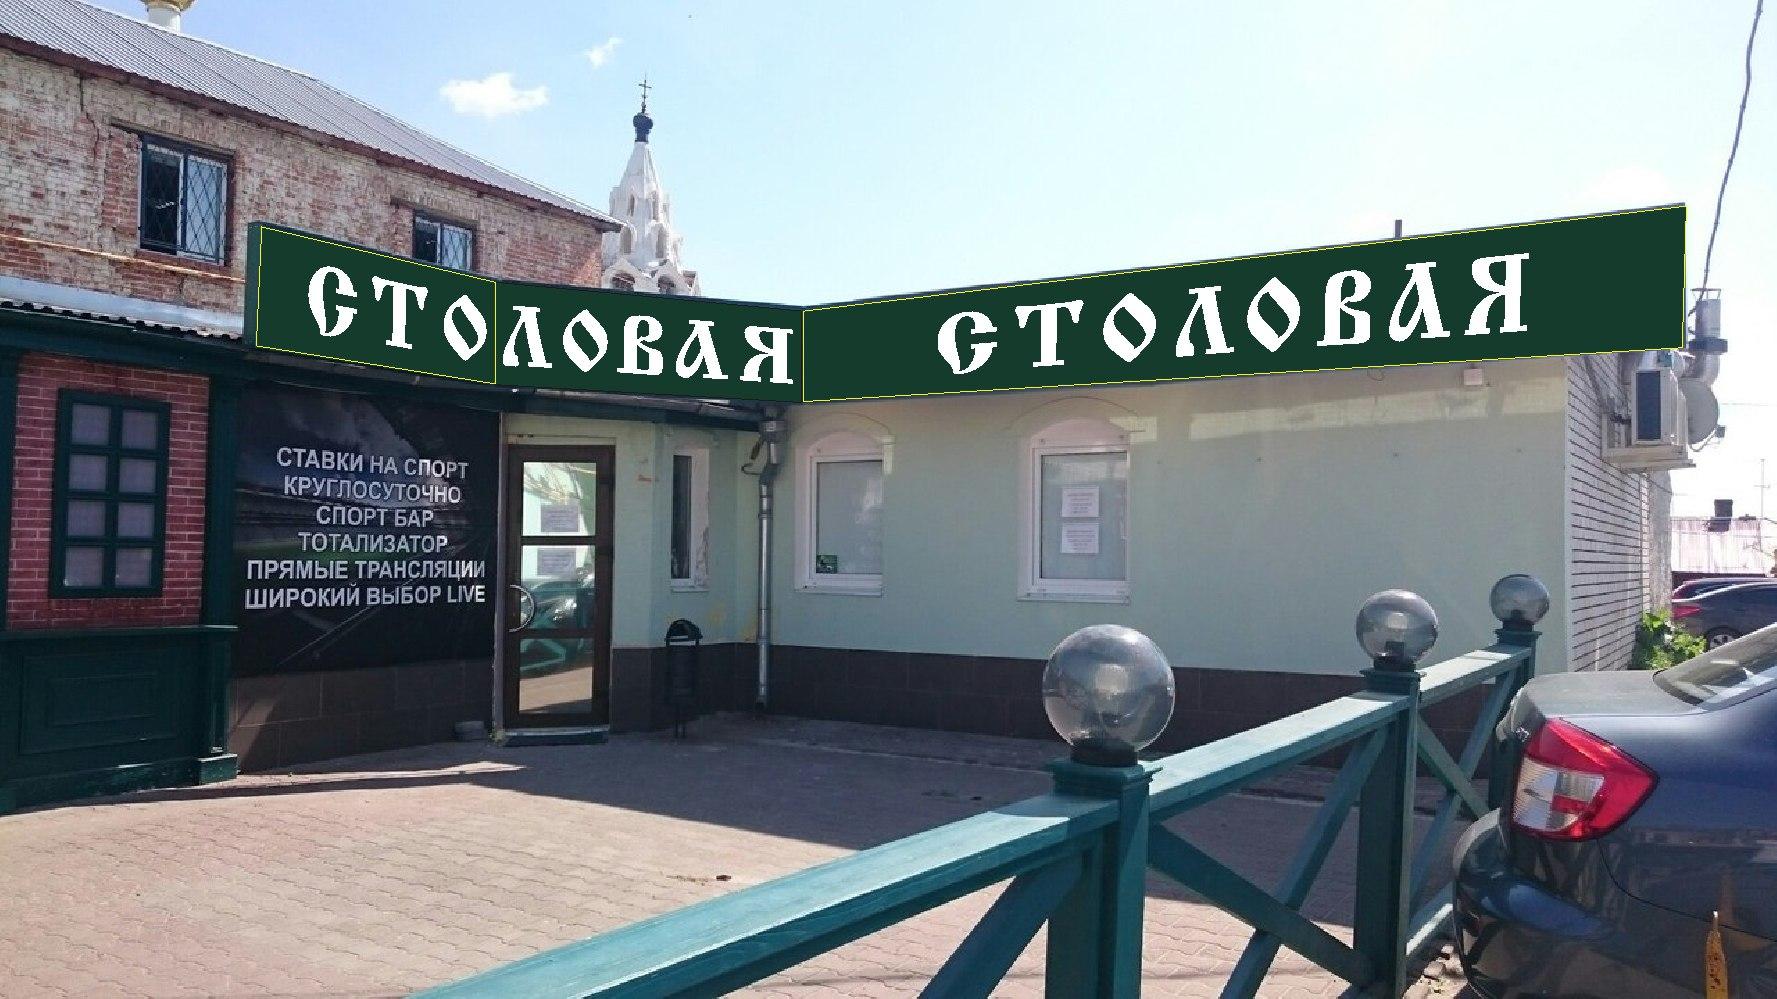 Ставки на спорт в городе владимире как заработать на рекламе в интернете без вложений